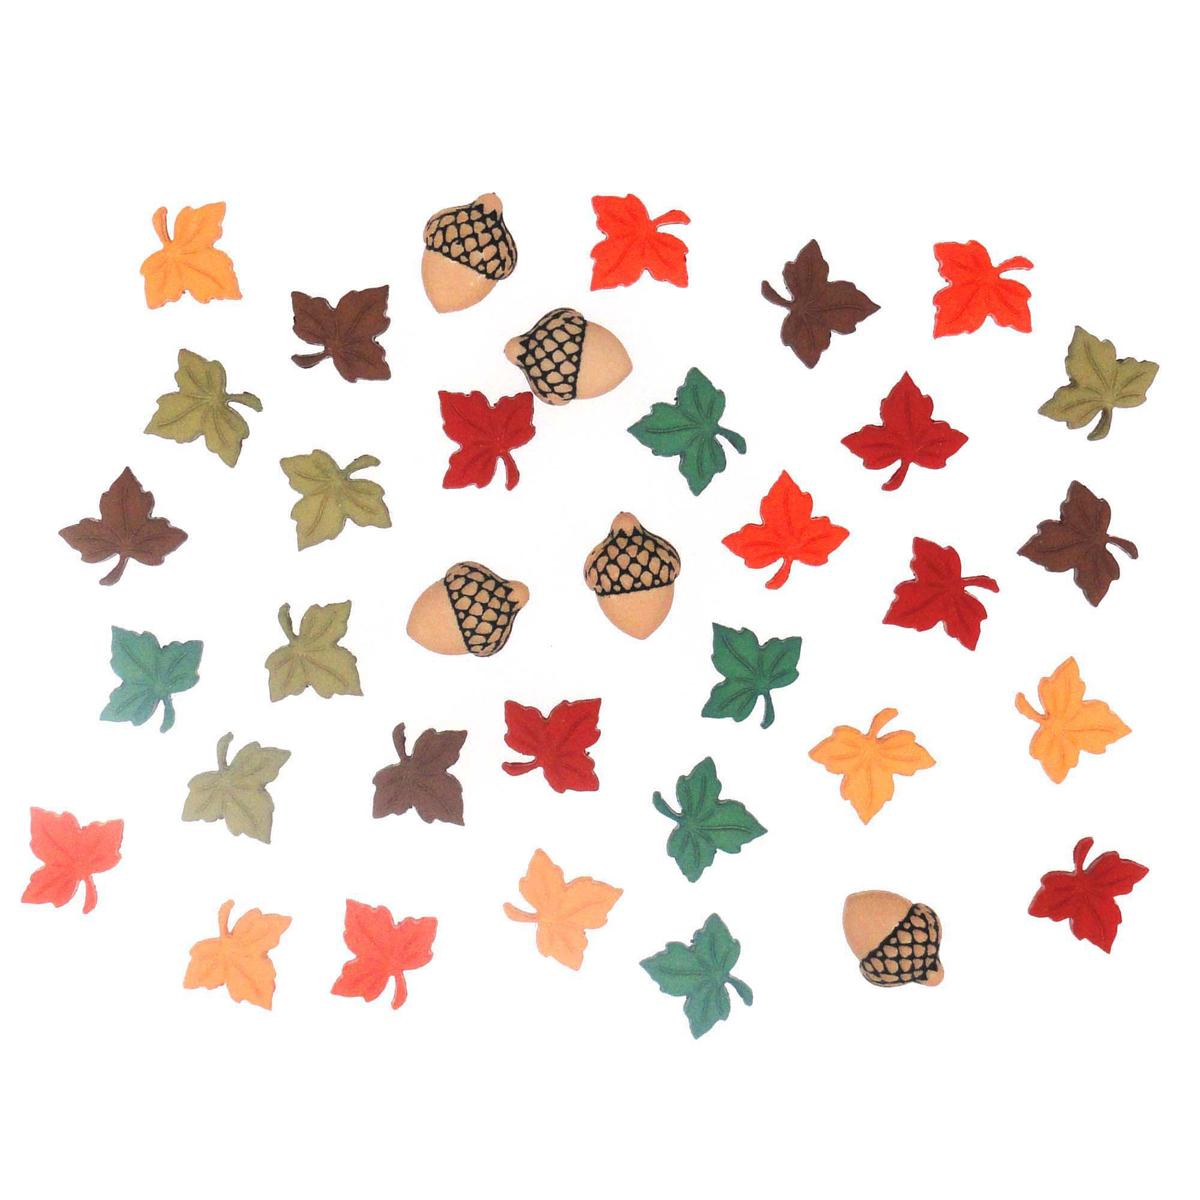 Пуговицы декоративные Dress It Up Осеннее попурри, 28 шт7712053Пуговицы декоративные Dress It Up Осеннее попурри состоит из 28 декоративных пуговиц, выполненных из цветного пластика в виде осенних листьев и желудей. Такие пуговицы подходят для любых видов творчества: скрапбукинга, декорирования, шитья, изготовления кукол, а также для оформления одежды. С их помощью вы сможете украсить открытку, фотографию, альбом, подарок и другие предметы ручной работы. Пуговицы разных цветов имеют оригинальный и яркий дизайн. Средний размер пуговиц: 1 см х 1 см х 0,3 см.